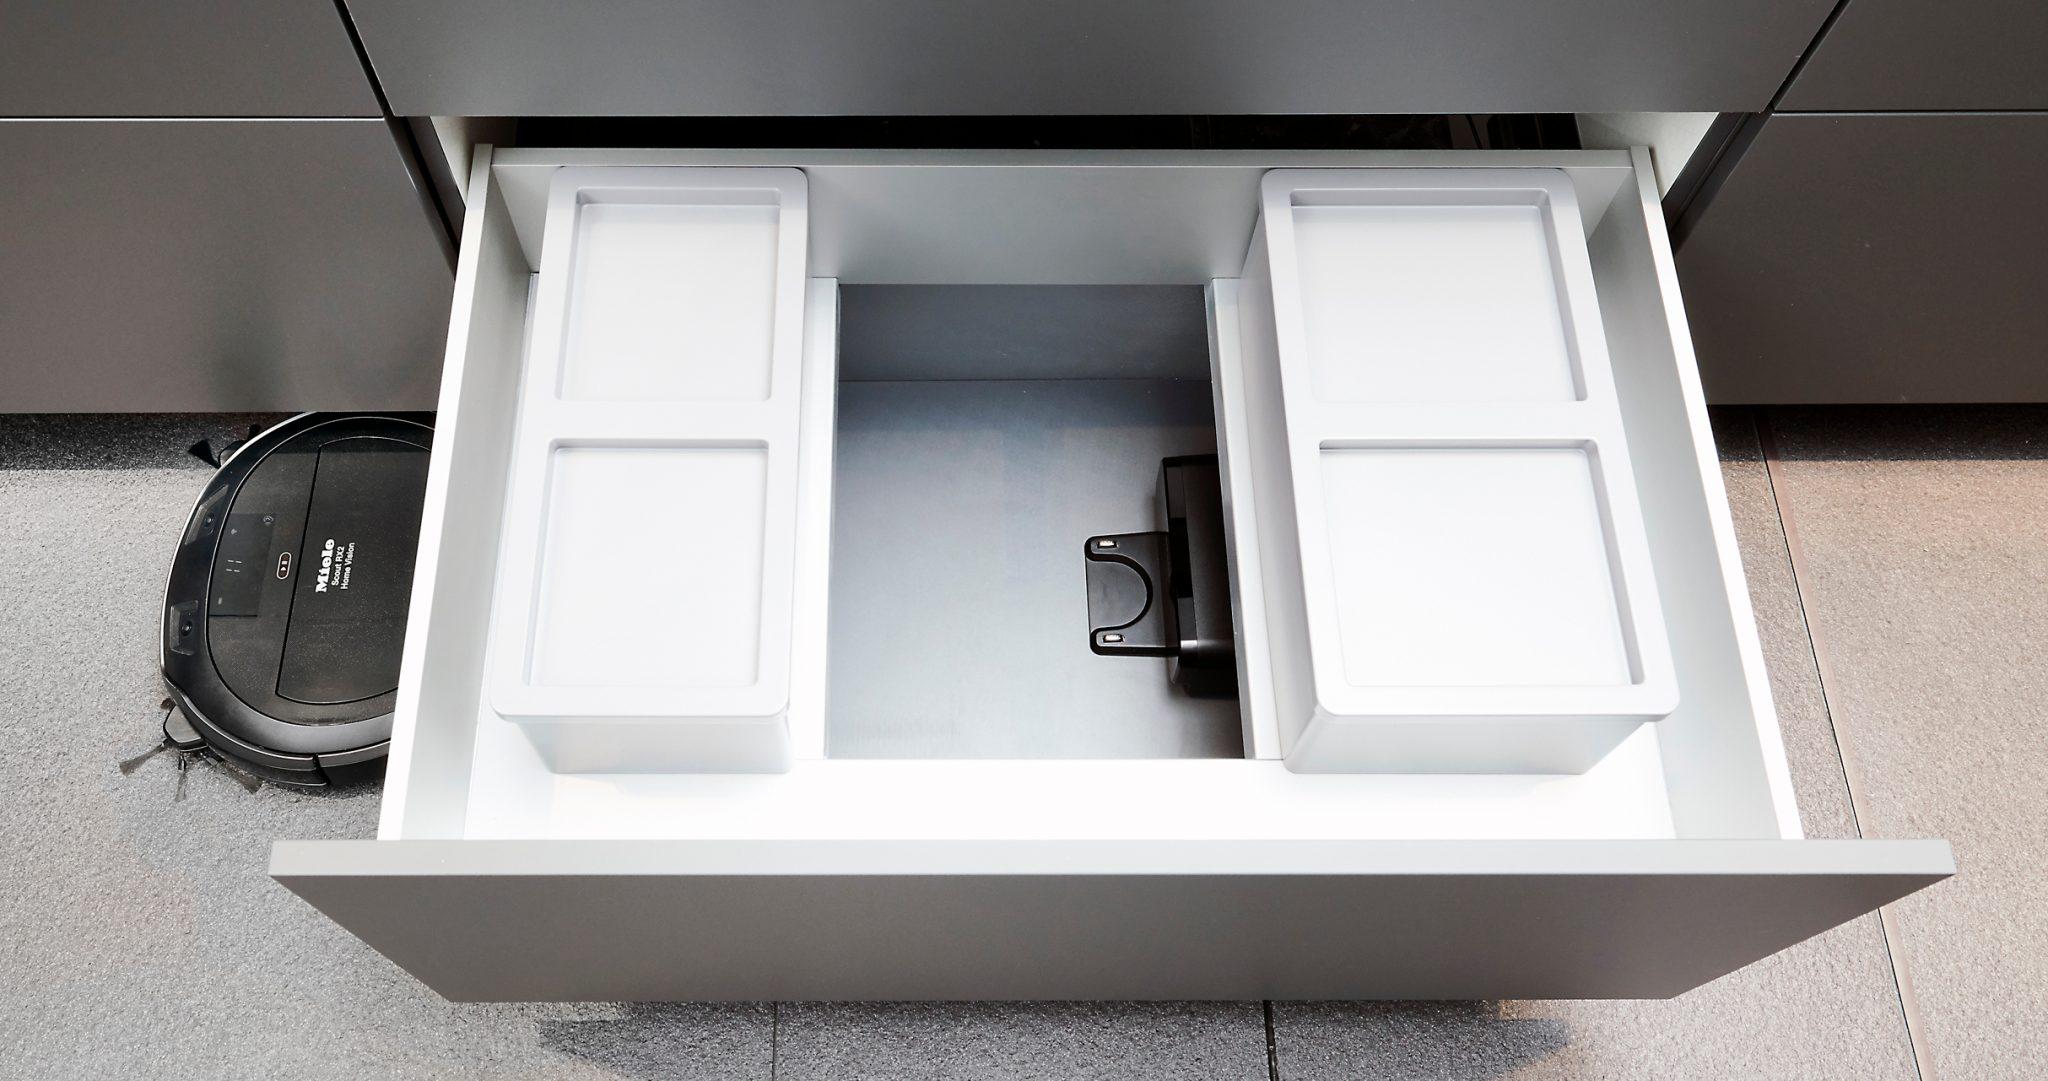 Der Saugroboter Miele RX2 verschwindet im Küchenschrank (Bild: Miele)